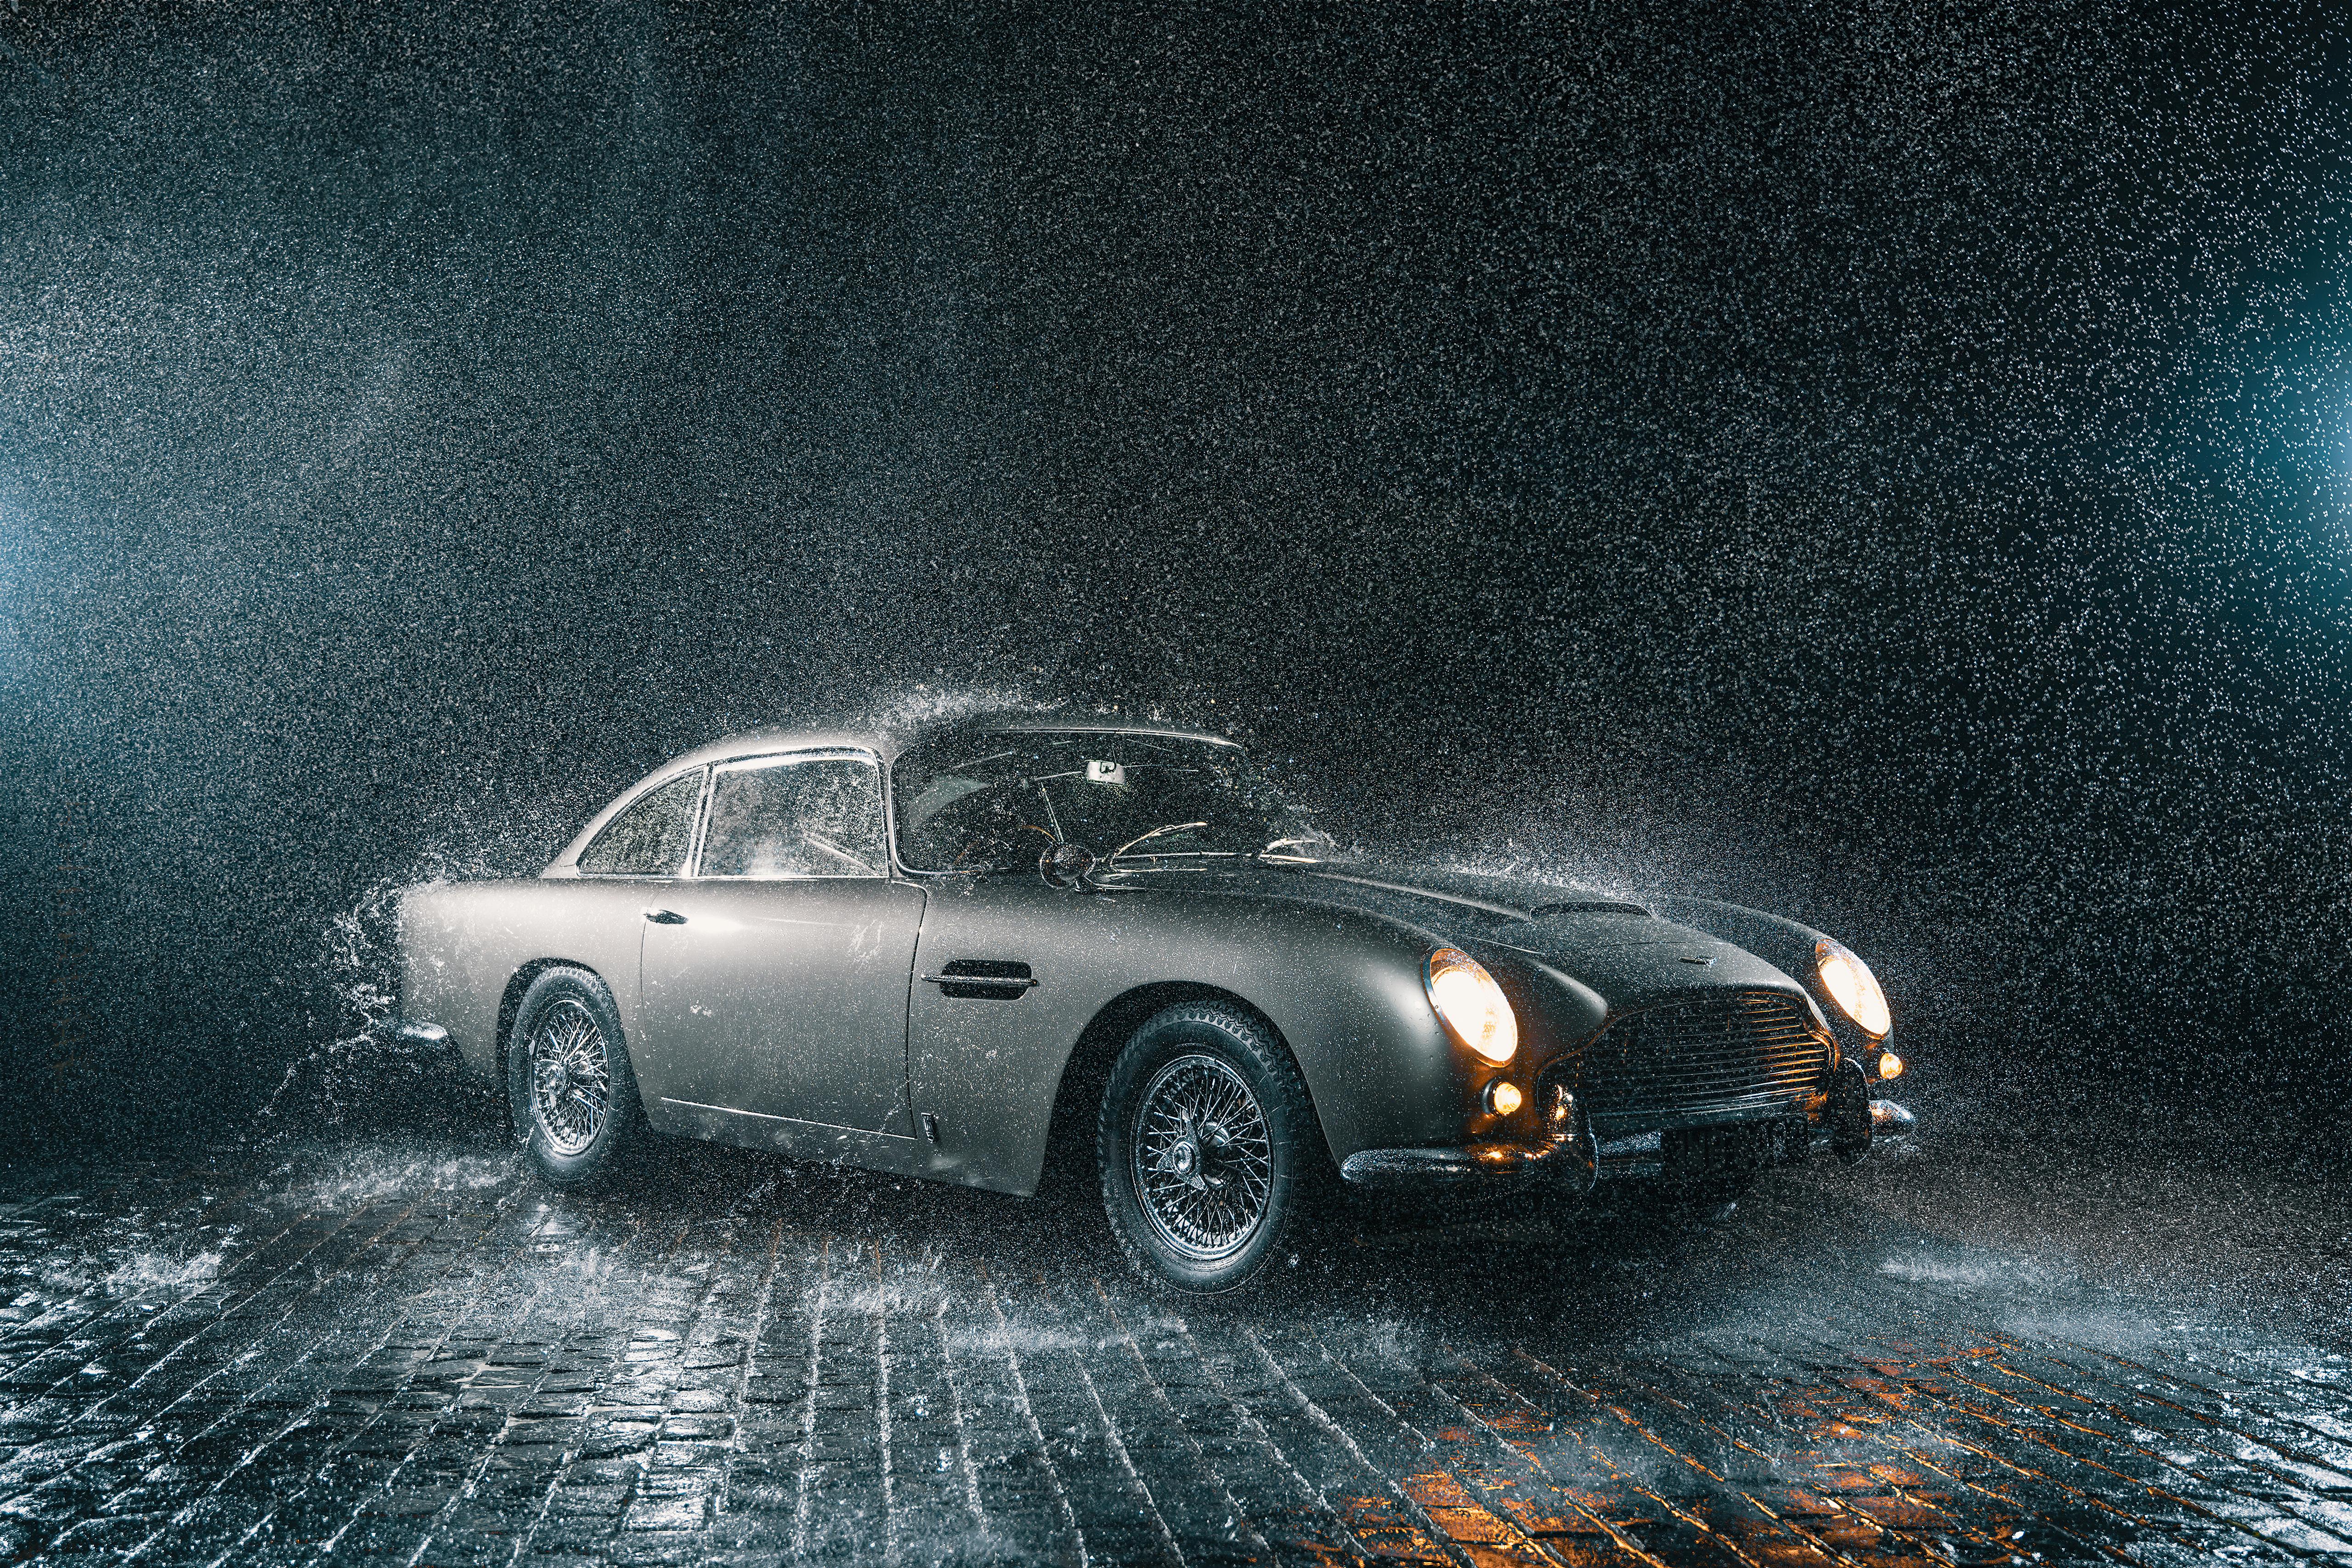 aston martin db5 in rain 4k 1620170989 - Aston Martin Db5 In Rain 4k - Aston Martin Db5 In Rain 4k wallpapers